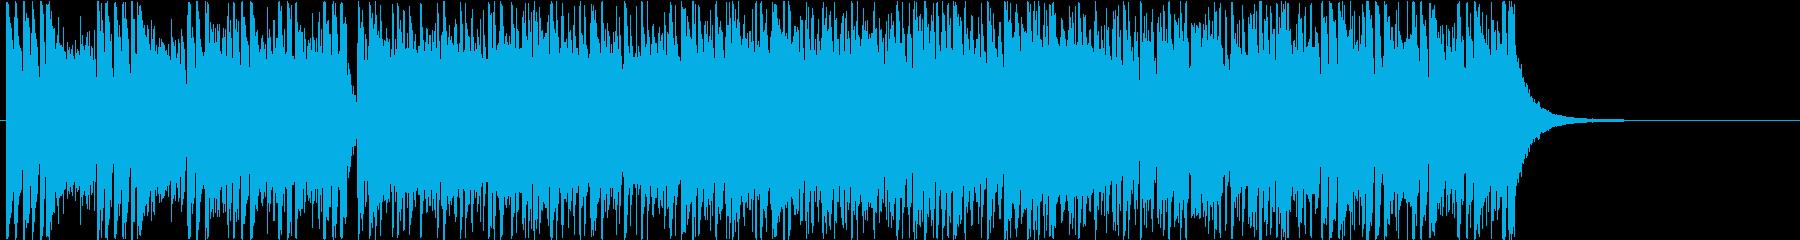 オープニング さわやか 軽快 いきいきの再生済みの波形